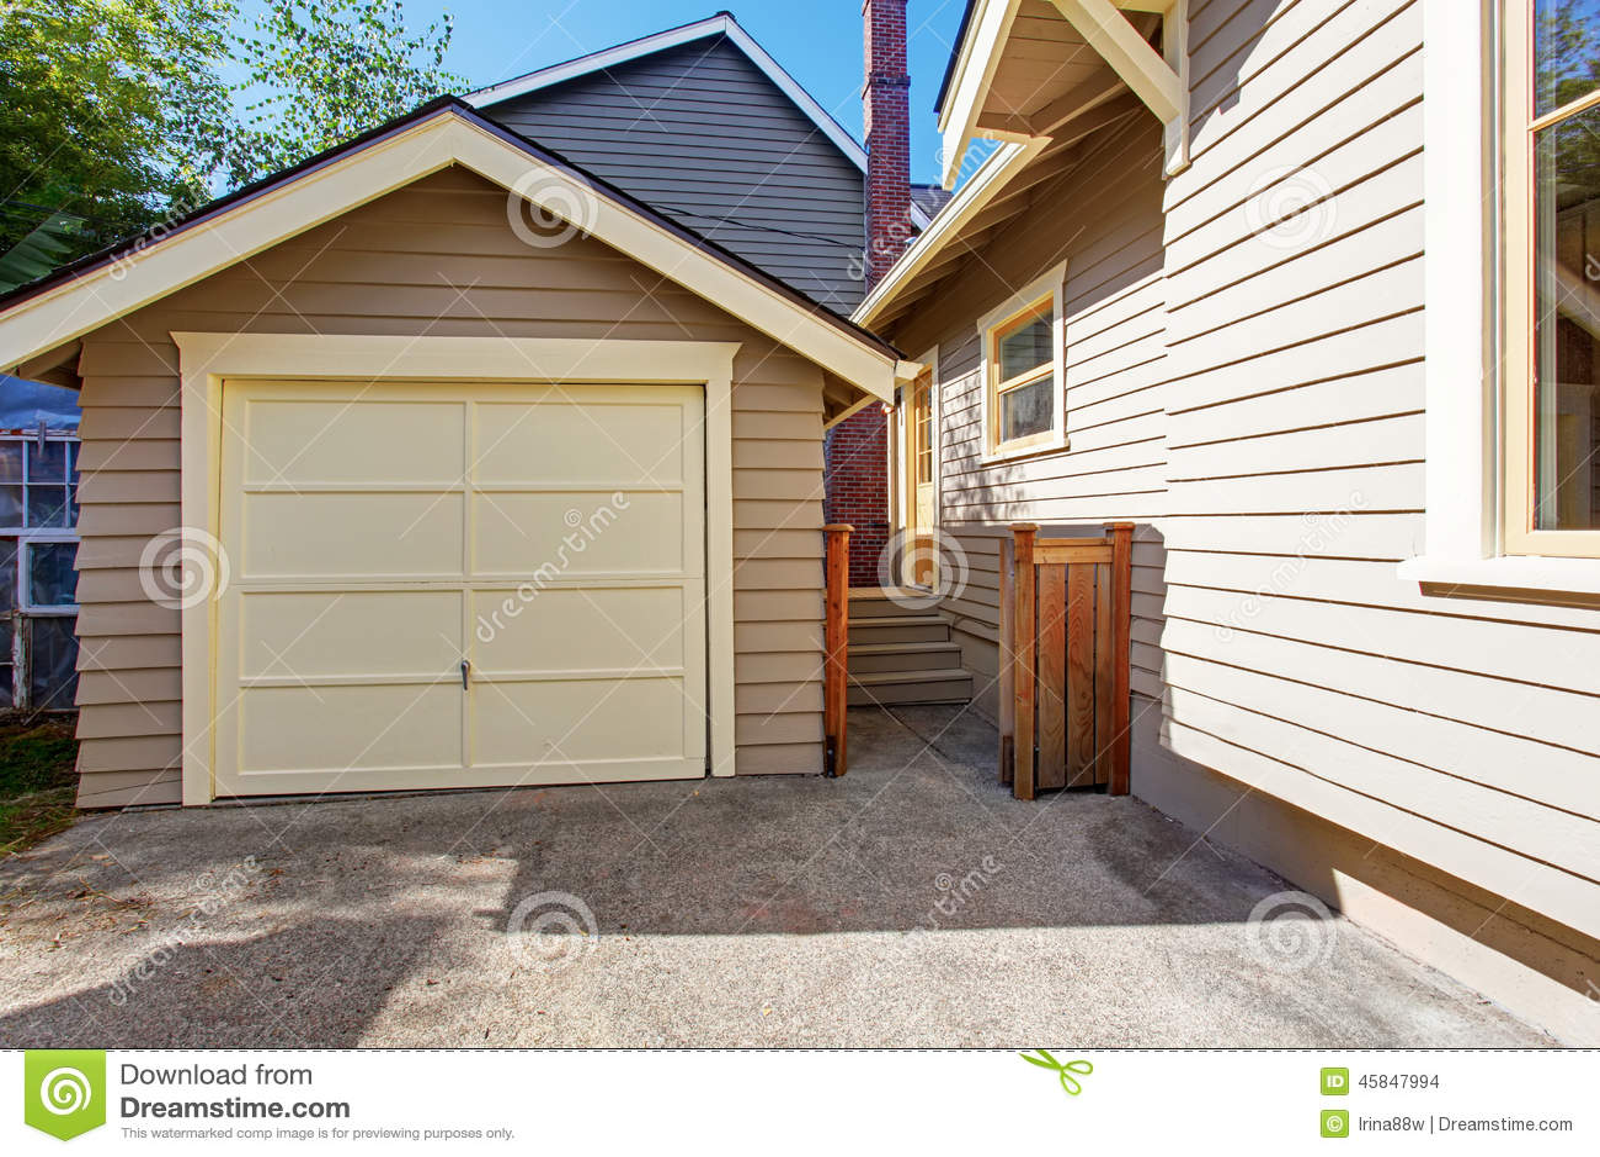 Casa y garaje en ajuste del apartadero de la tablilla foto for Casas con tablillas